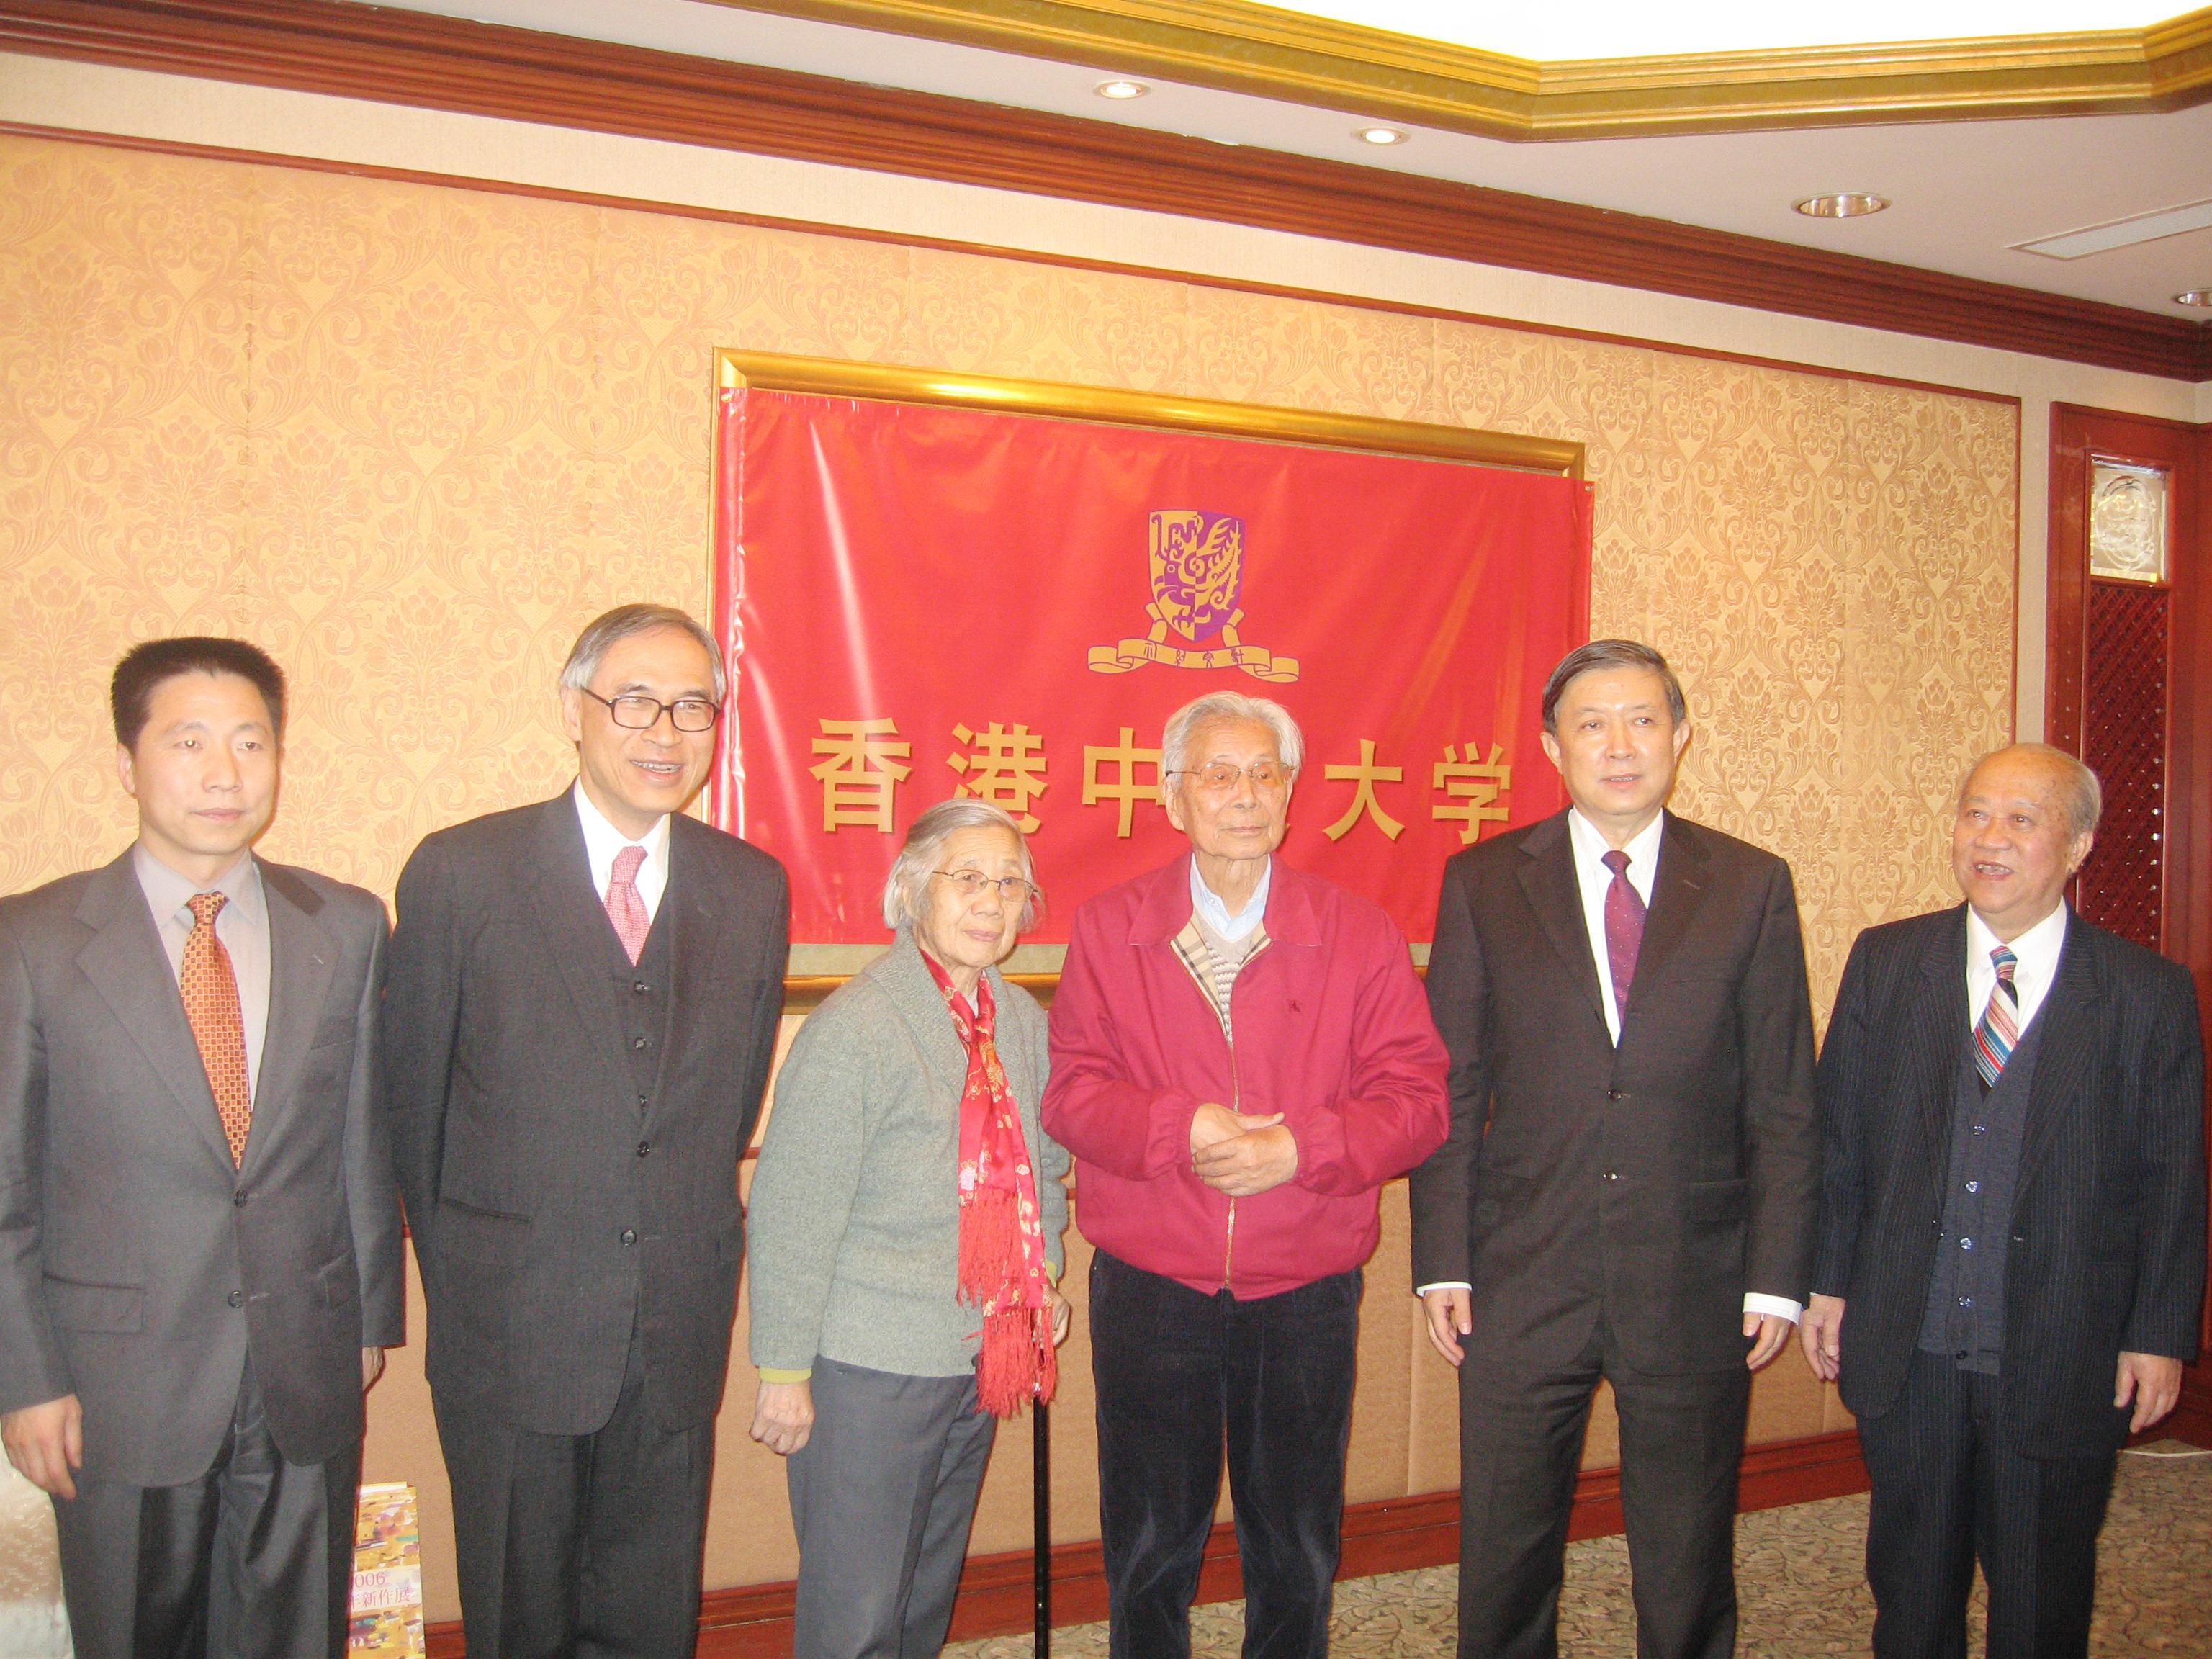 左起:楊利偉博士、劉遵義校長、吳冠中教授伉儷、徐冠華部長及陳述彭教授。